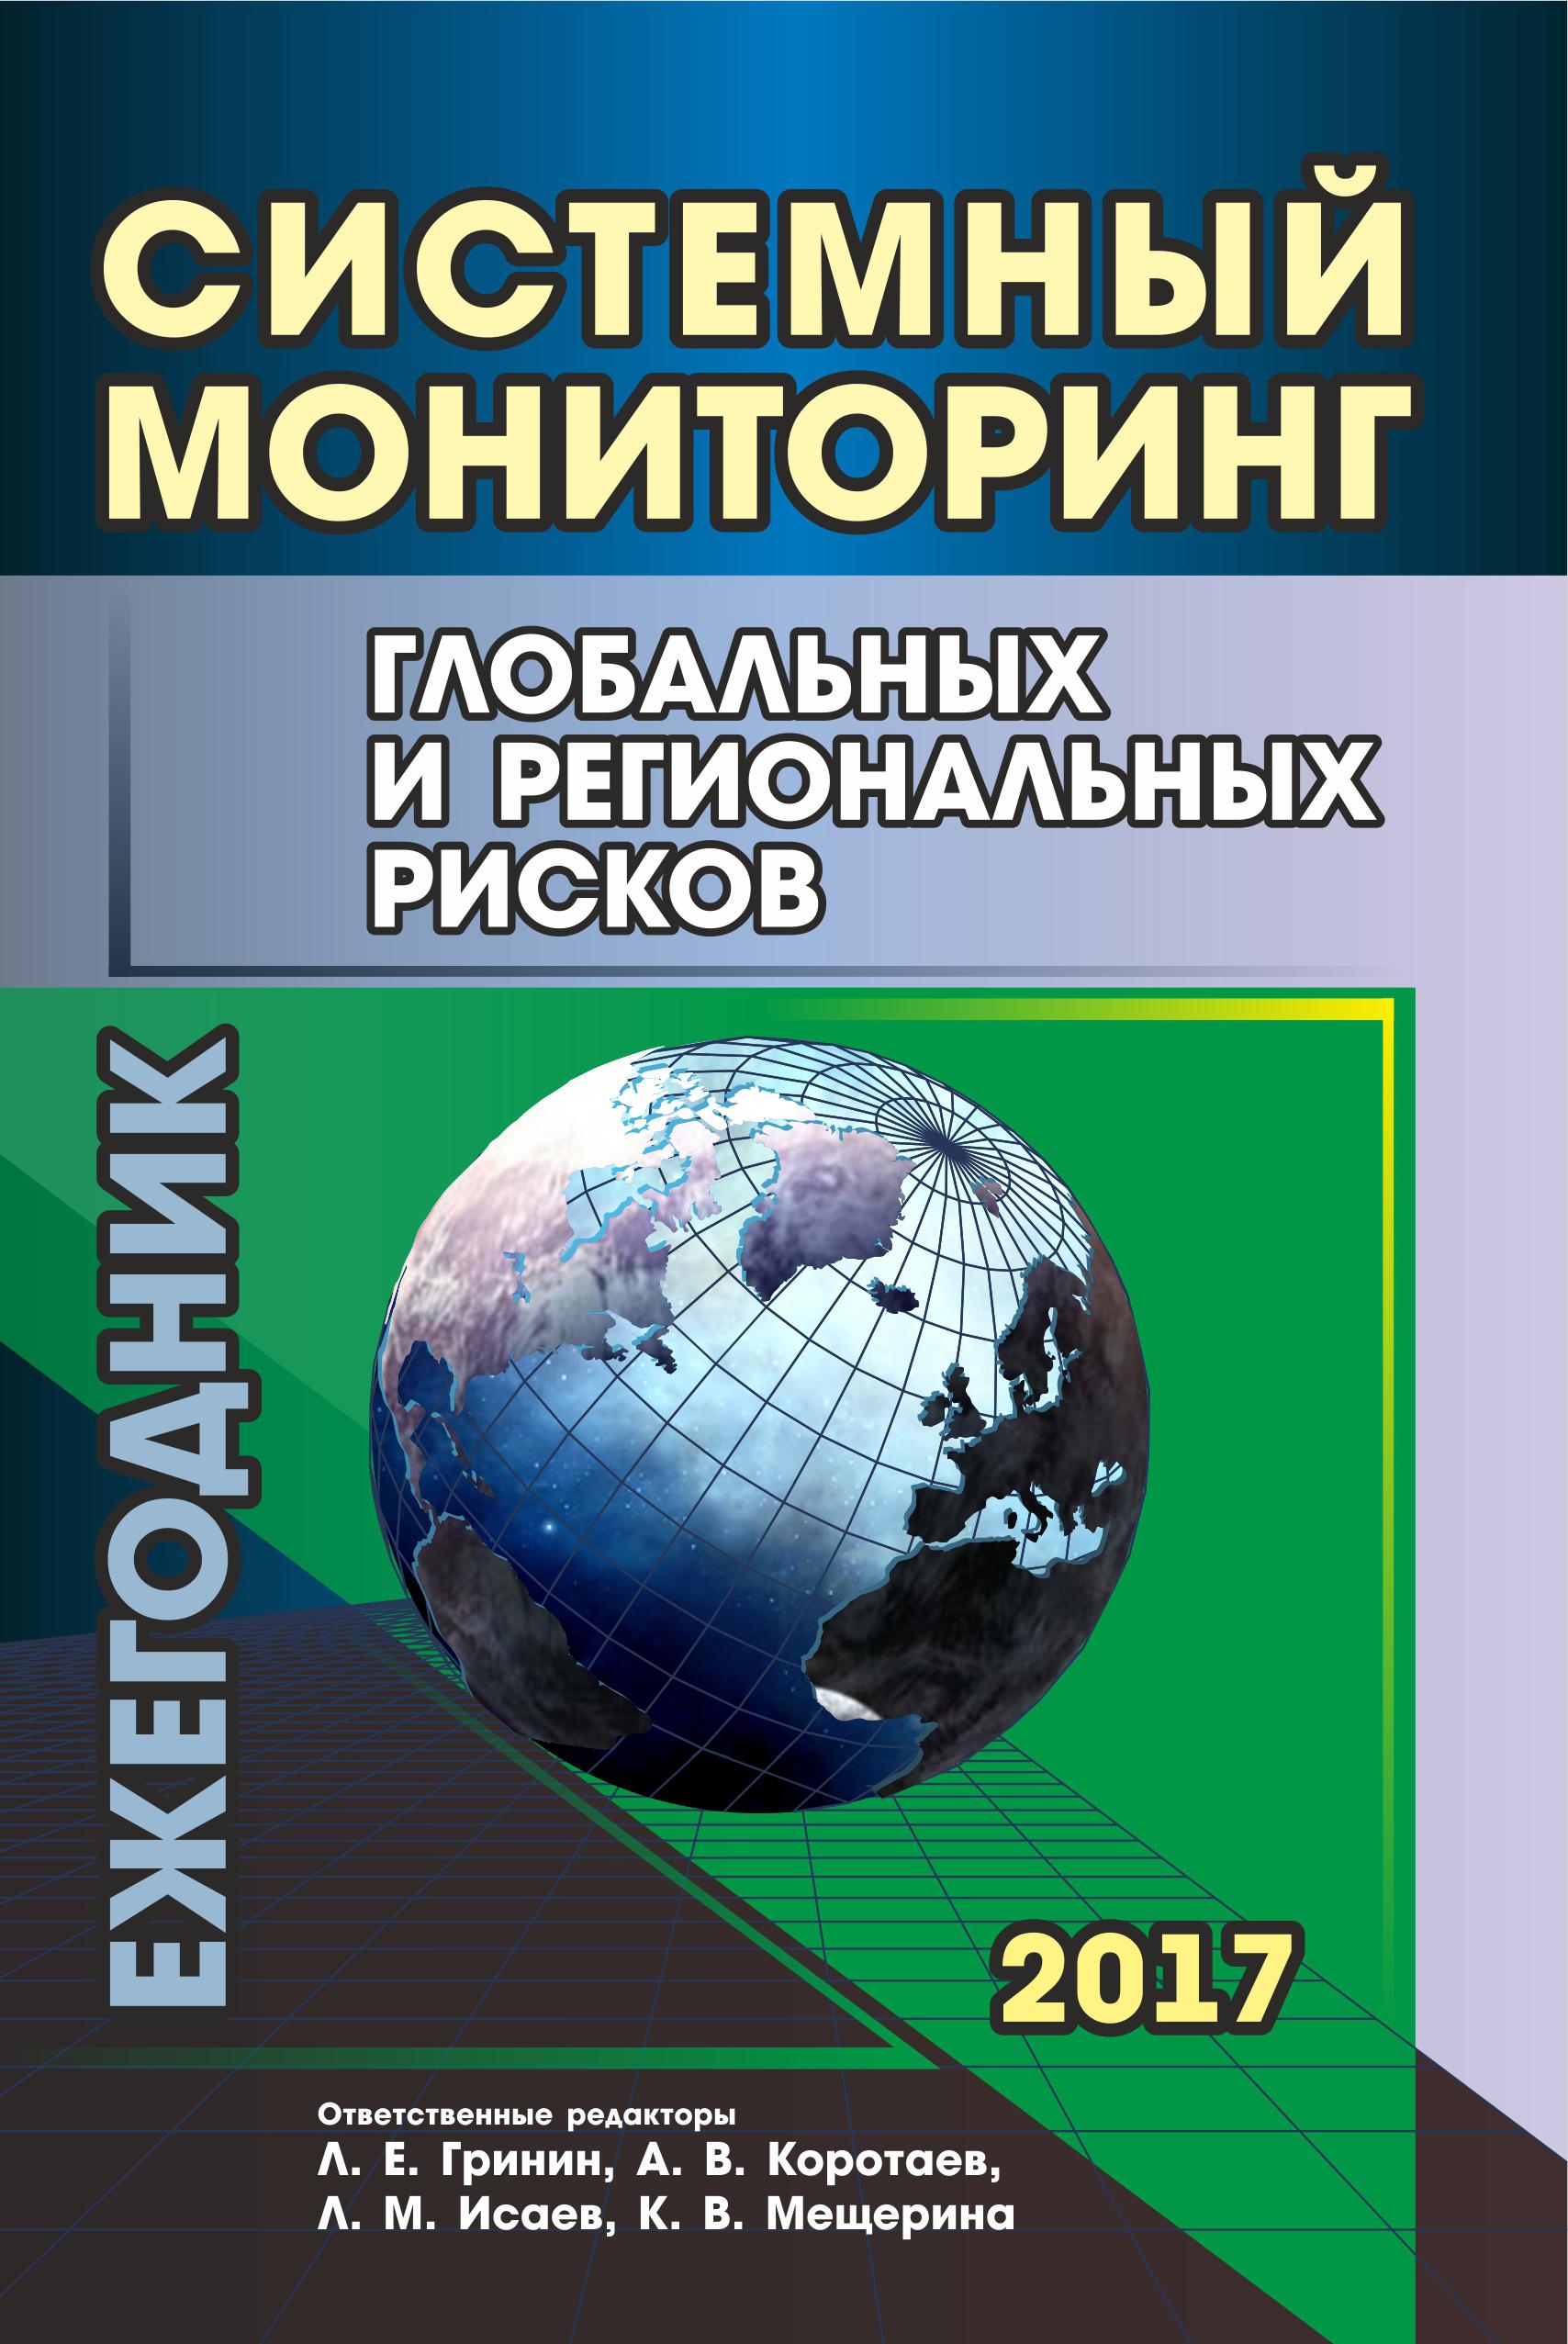 Системный мониторинг глобальных и региональных рисков.